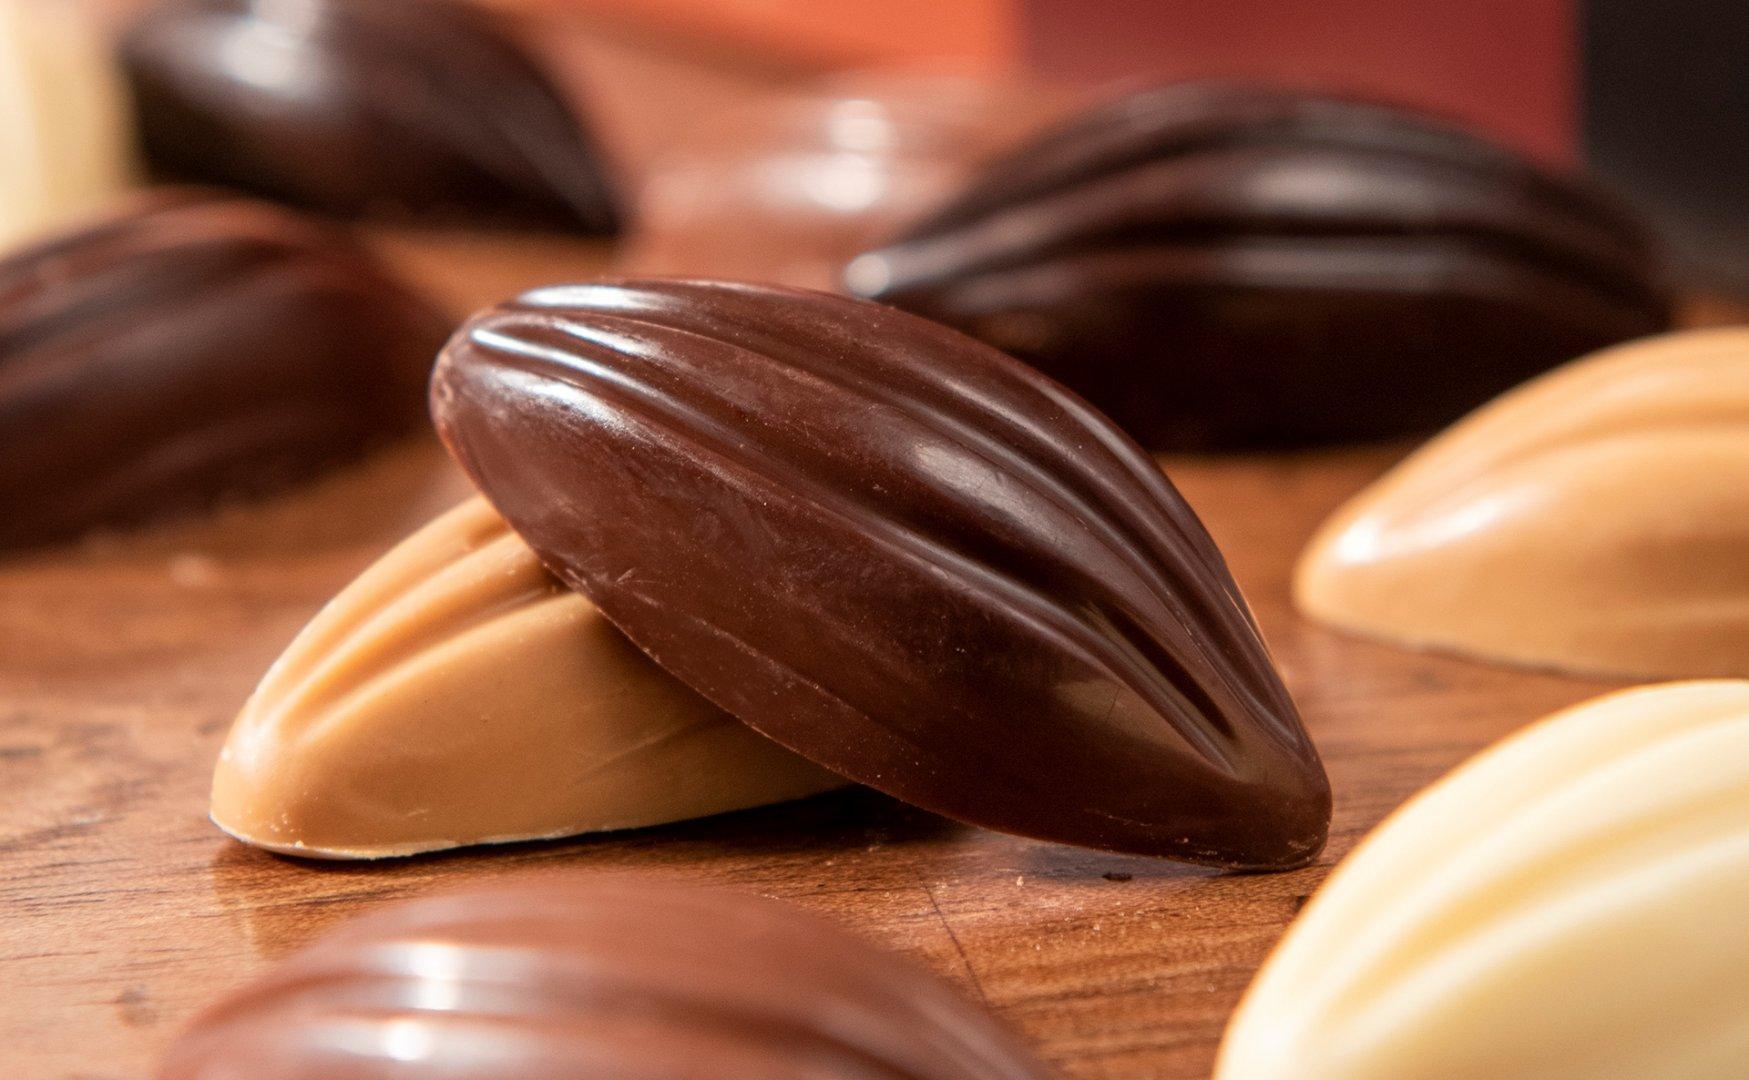 Prawer terá degustação de chocolates em nova visitação à fábrica